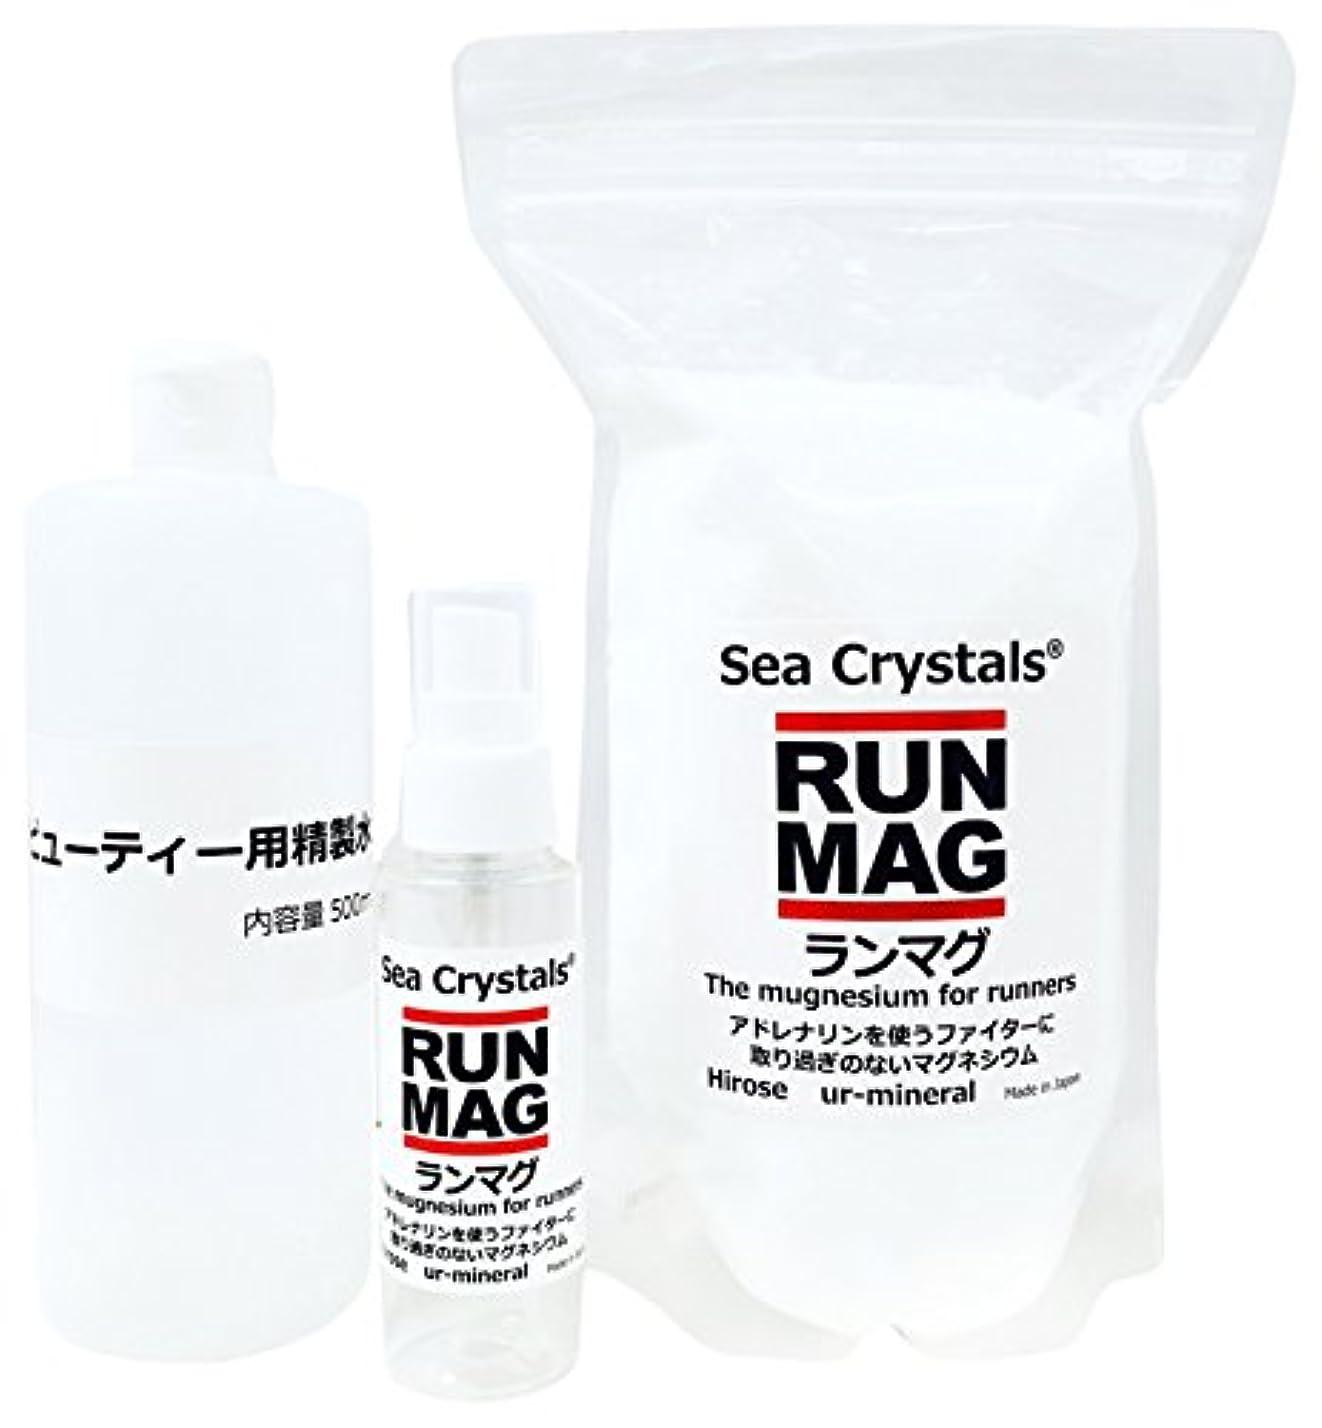 送るいちゃつく感動するランマグ?マグネシウムオイル 500g 化粧品登録 日本製 1日マグネシウム360mg使用  精製水付き